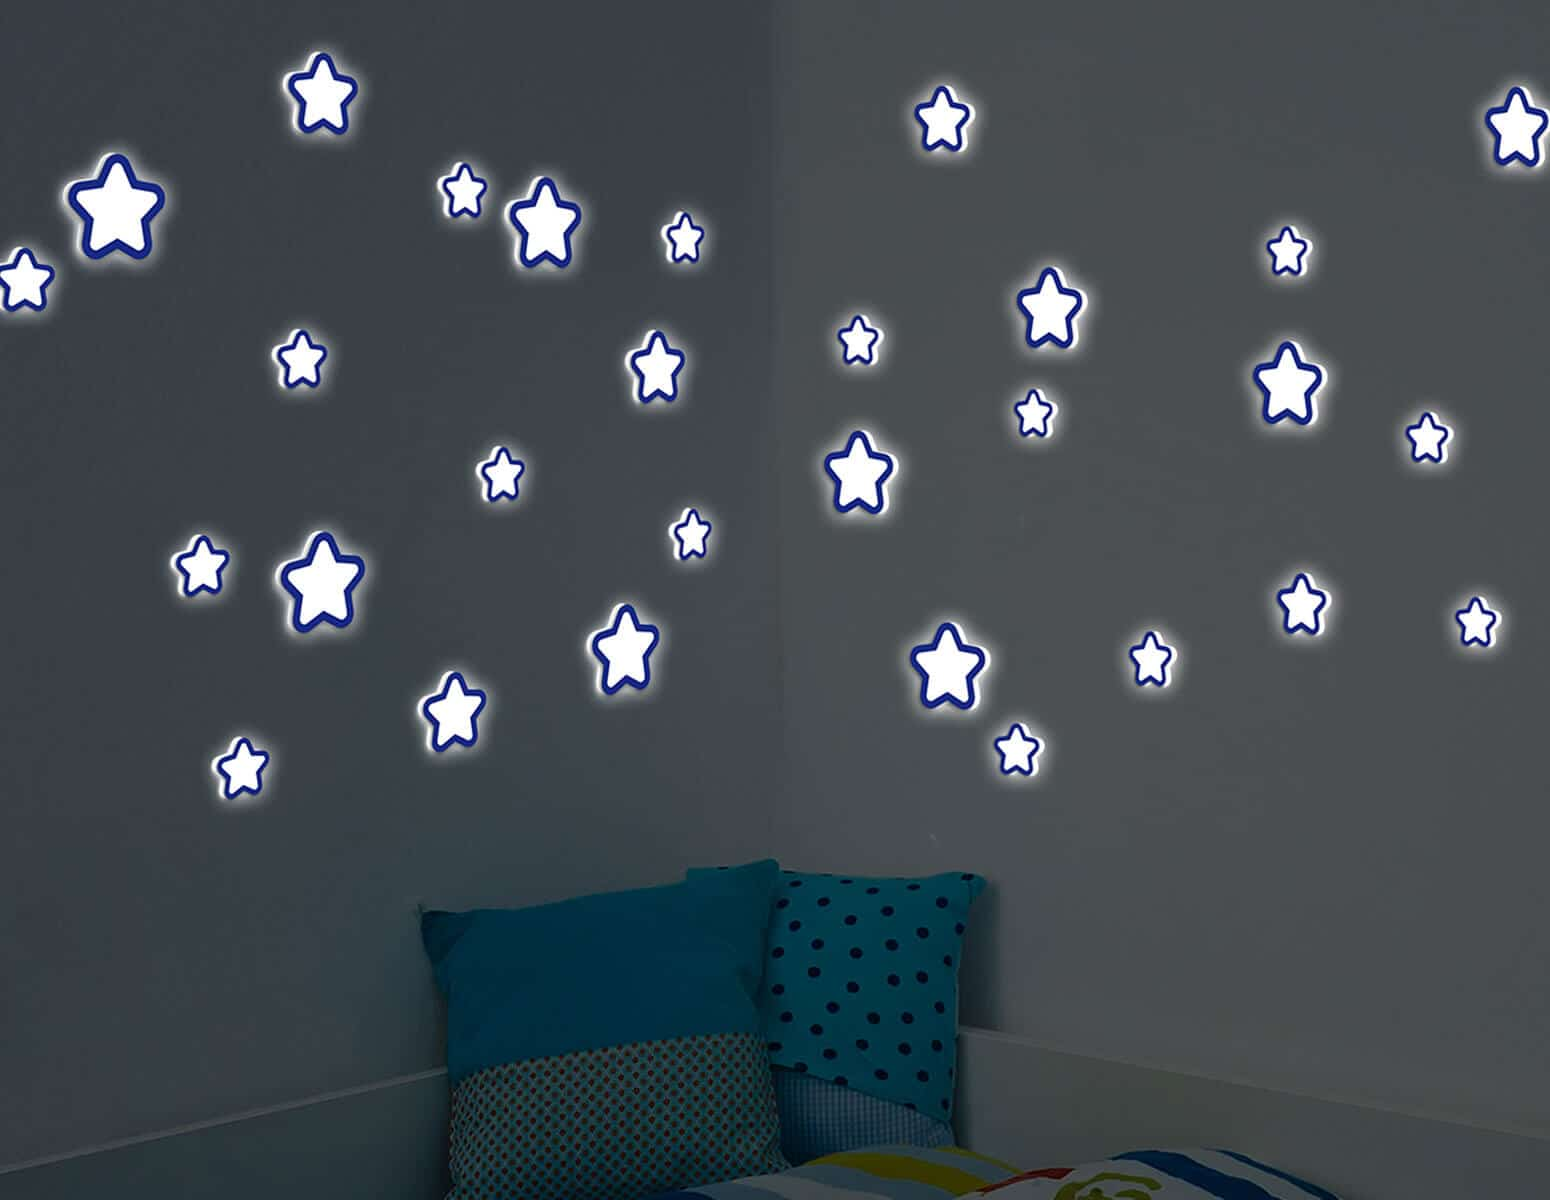 Αυτοκόλλητο Τοίχου Φωσφοριζέ Glow Star Ango 54506 – ango – ANGO_54506